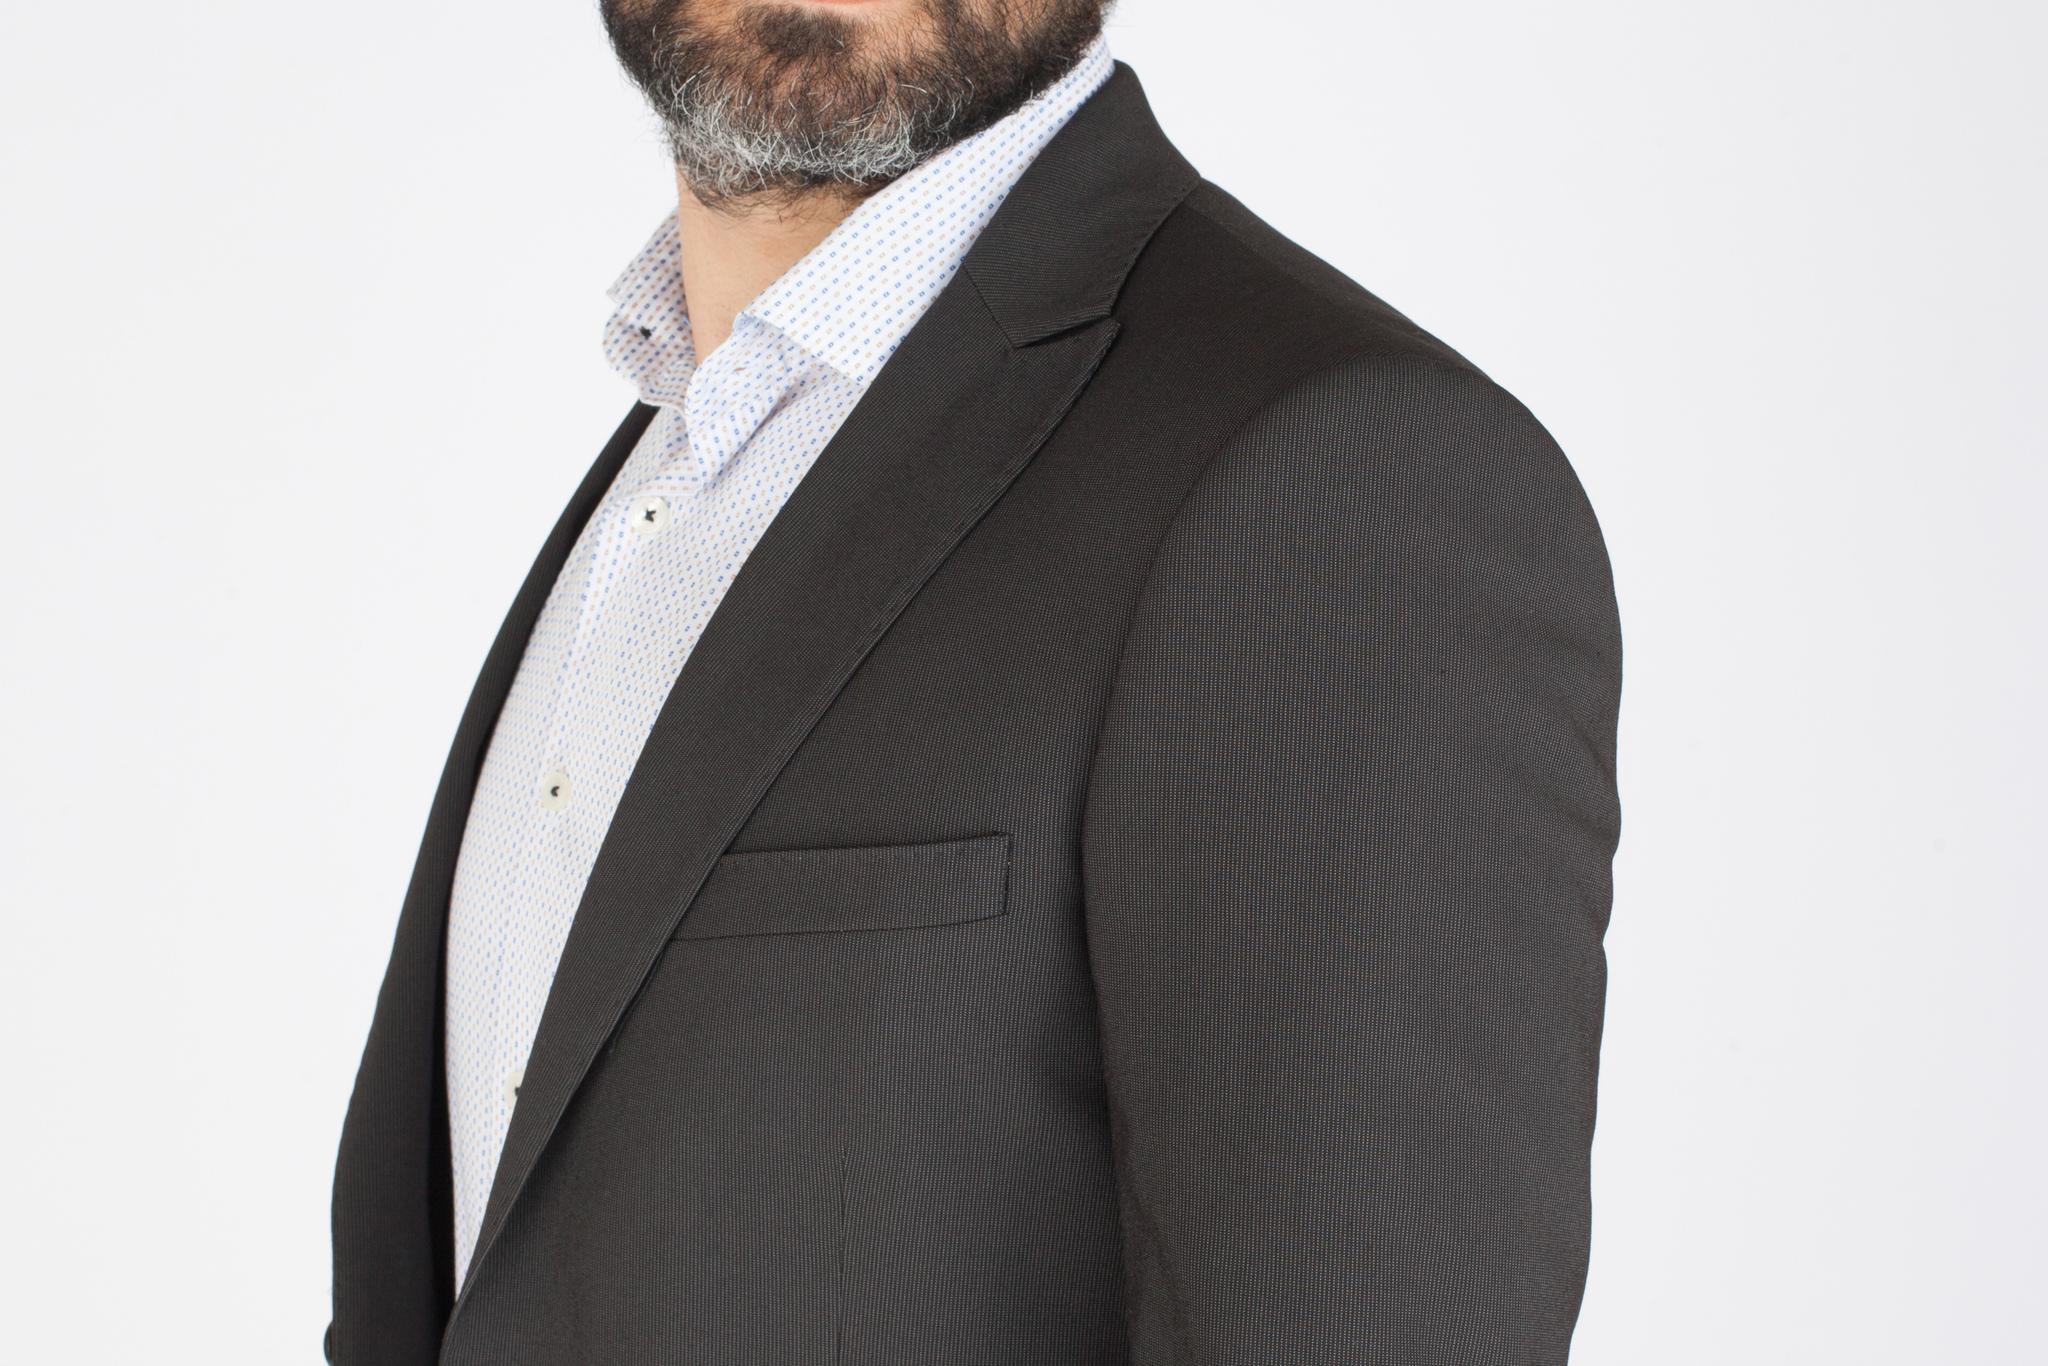 Тёмно-серый шерстяной костюм в полоску, нагрудный карман